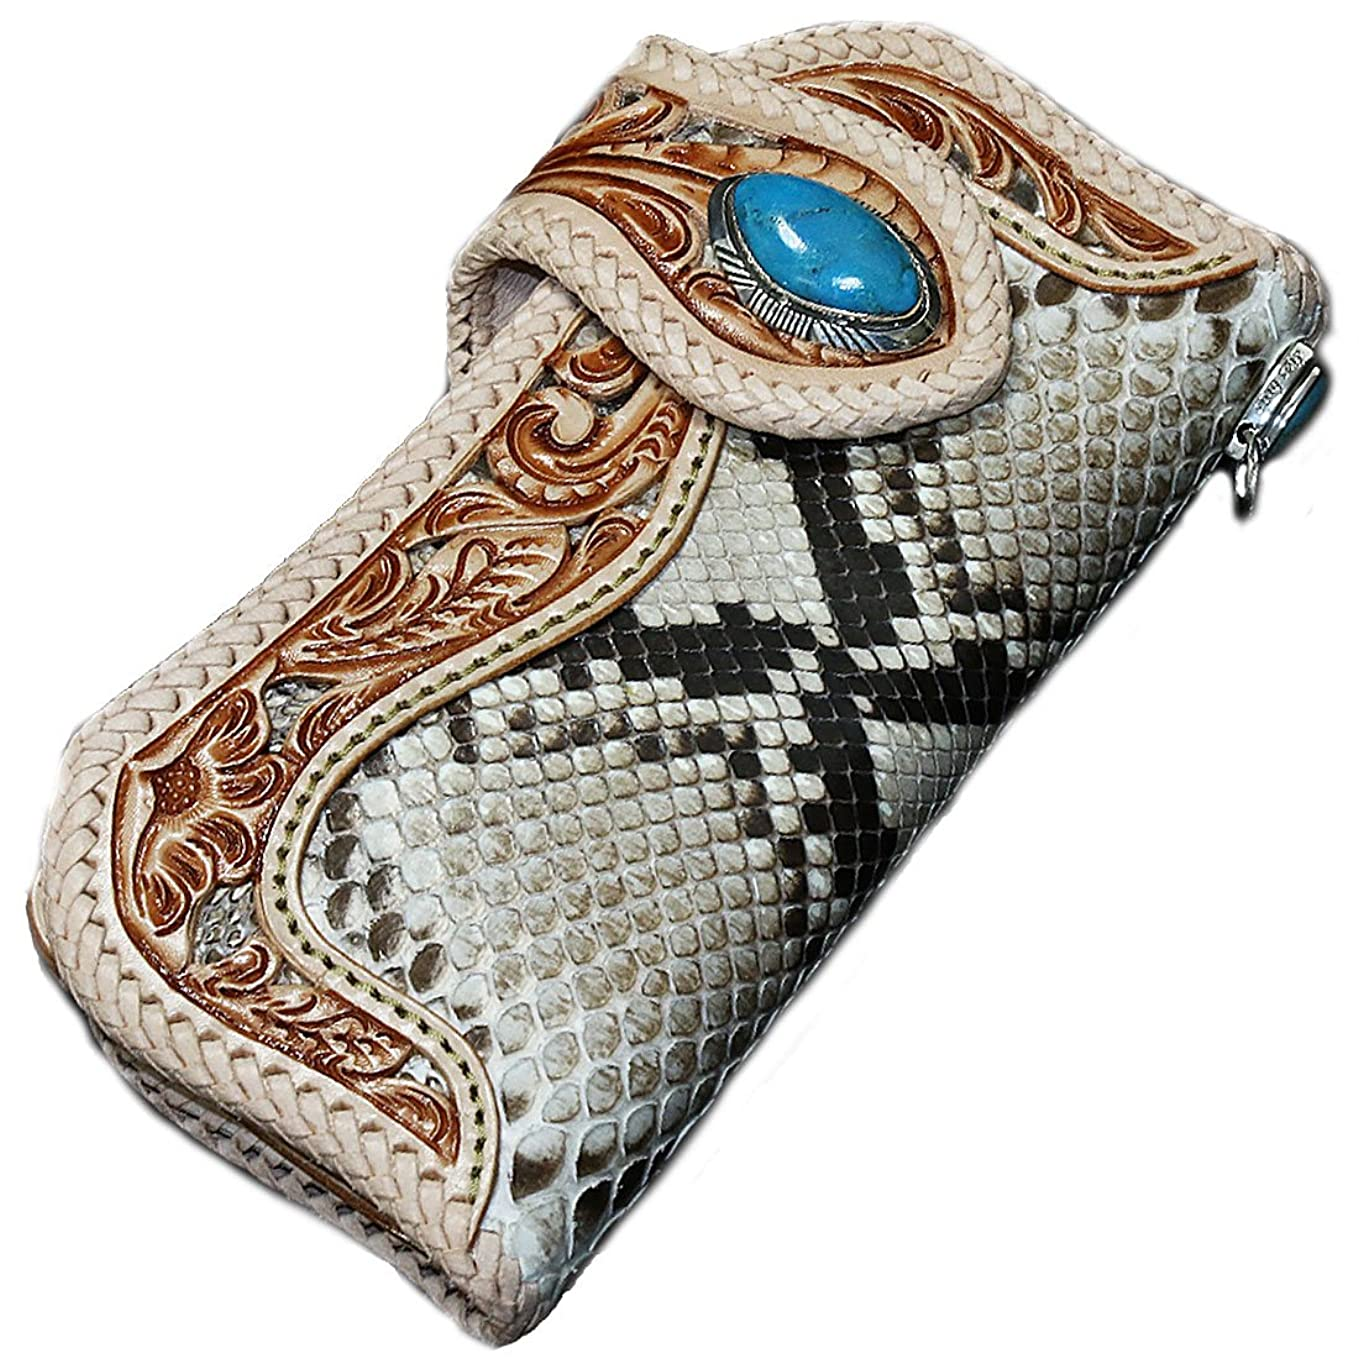 バウンス健康的コレクションバイカーズウォレット レザーウォレット メンズ 長財布 本革 レザー 透かし彫り カービング パイソン 蛇 へび メンズ長財布 お財布